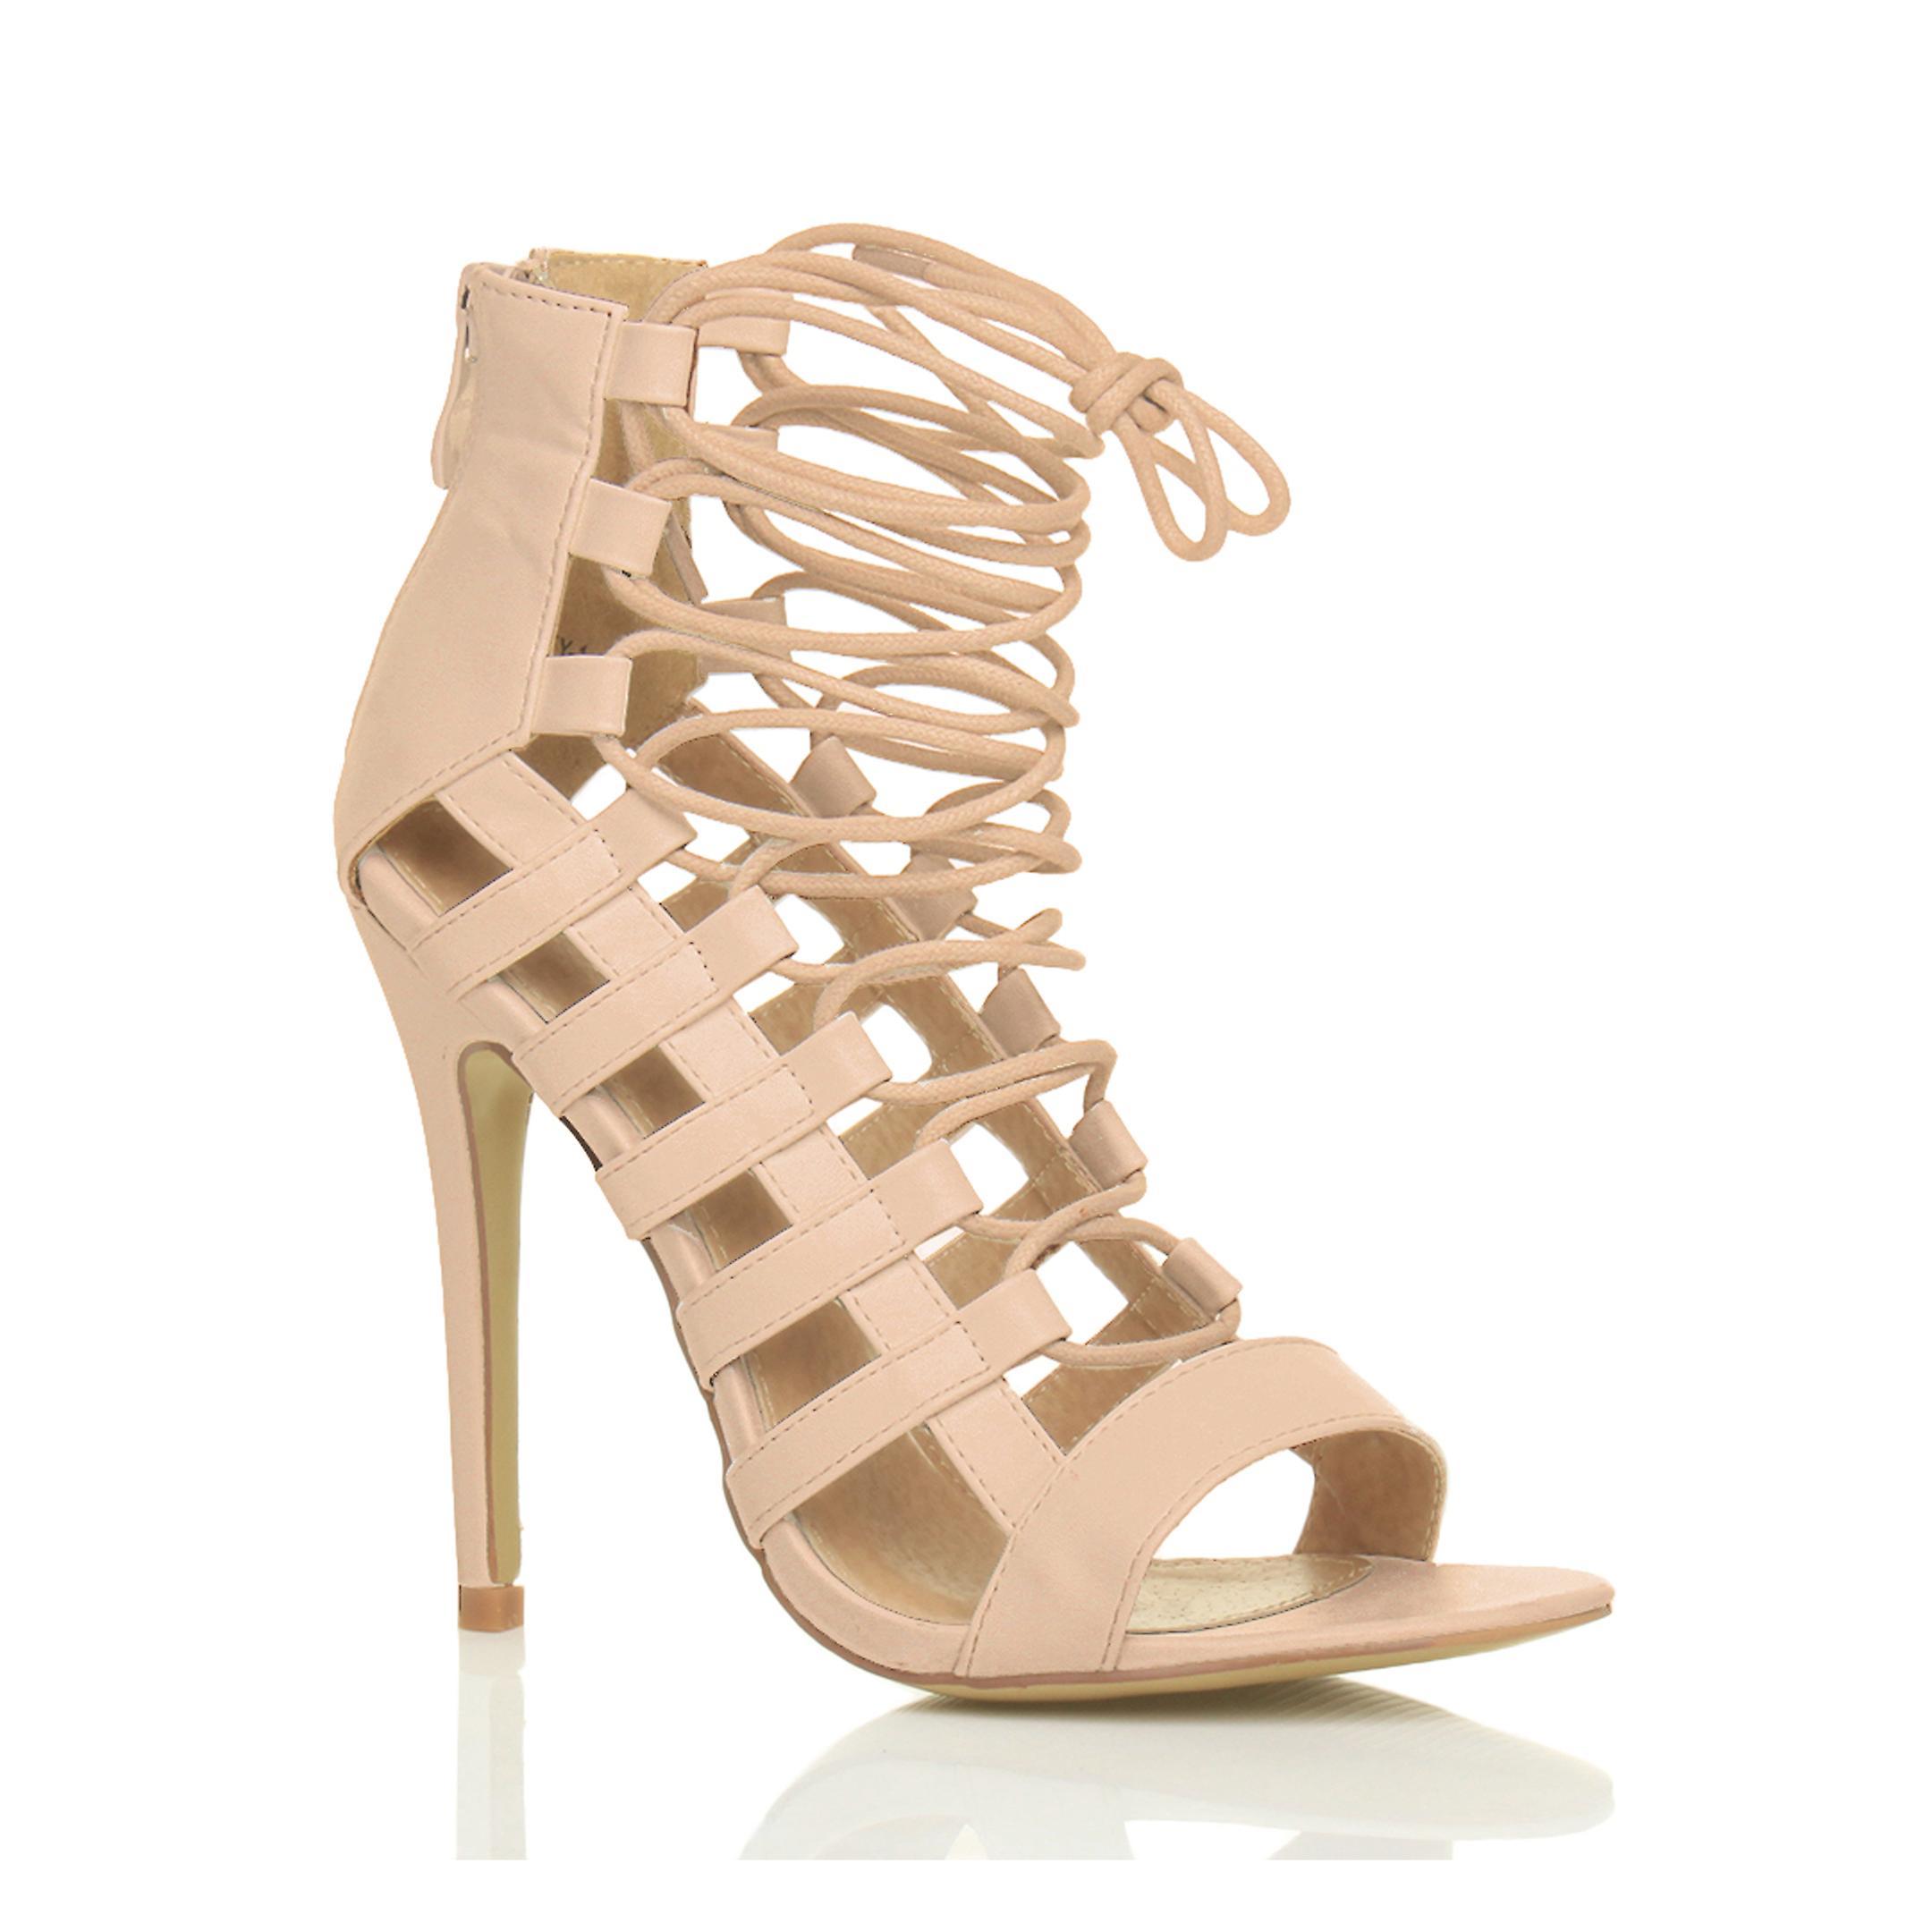 Ajvani Damen high Heels Riemchen schnüren Zip ausgeschnitten Ghillie Sandalen Schuhe